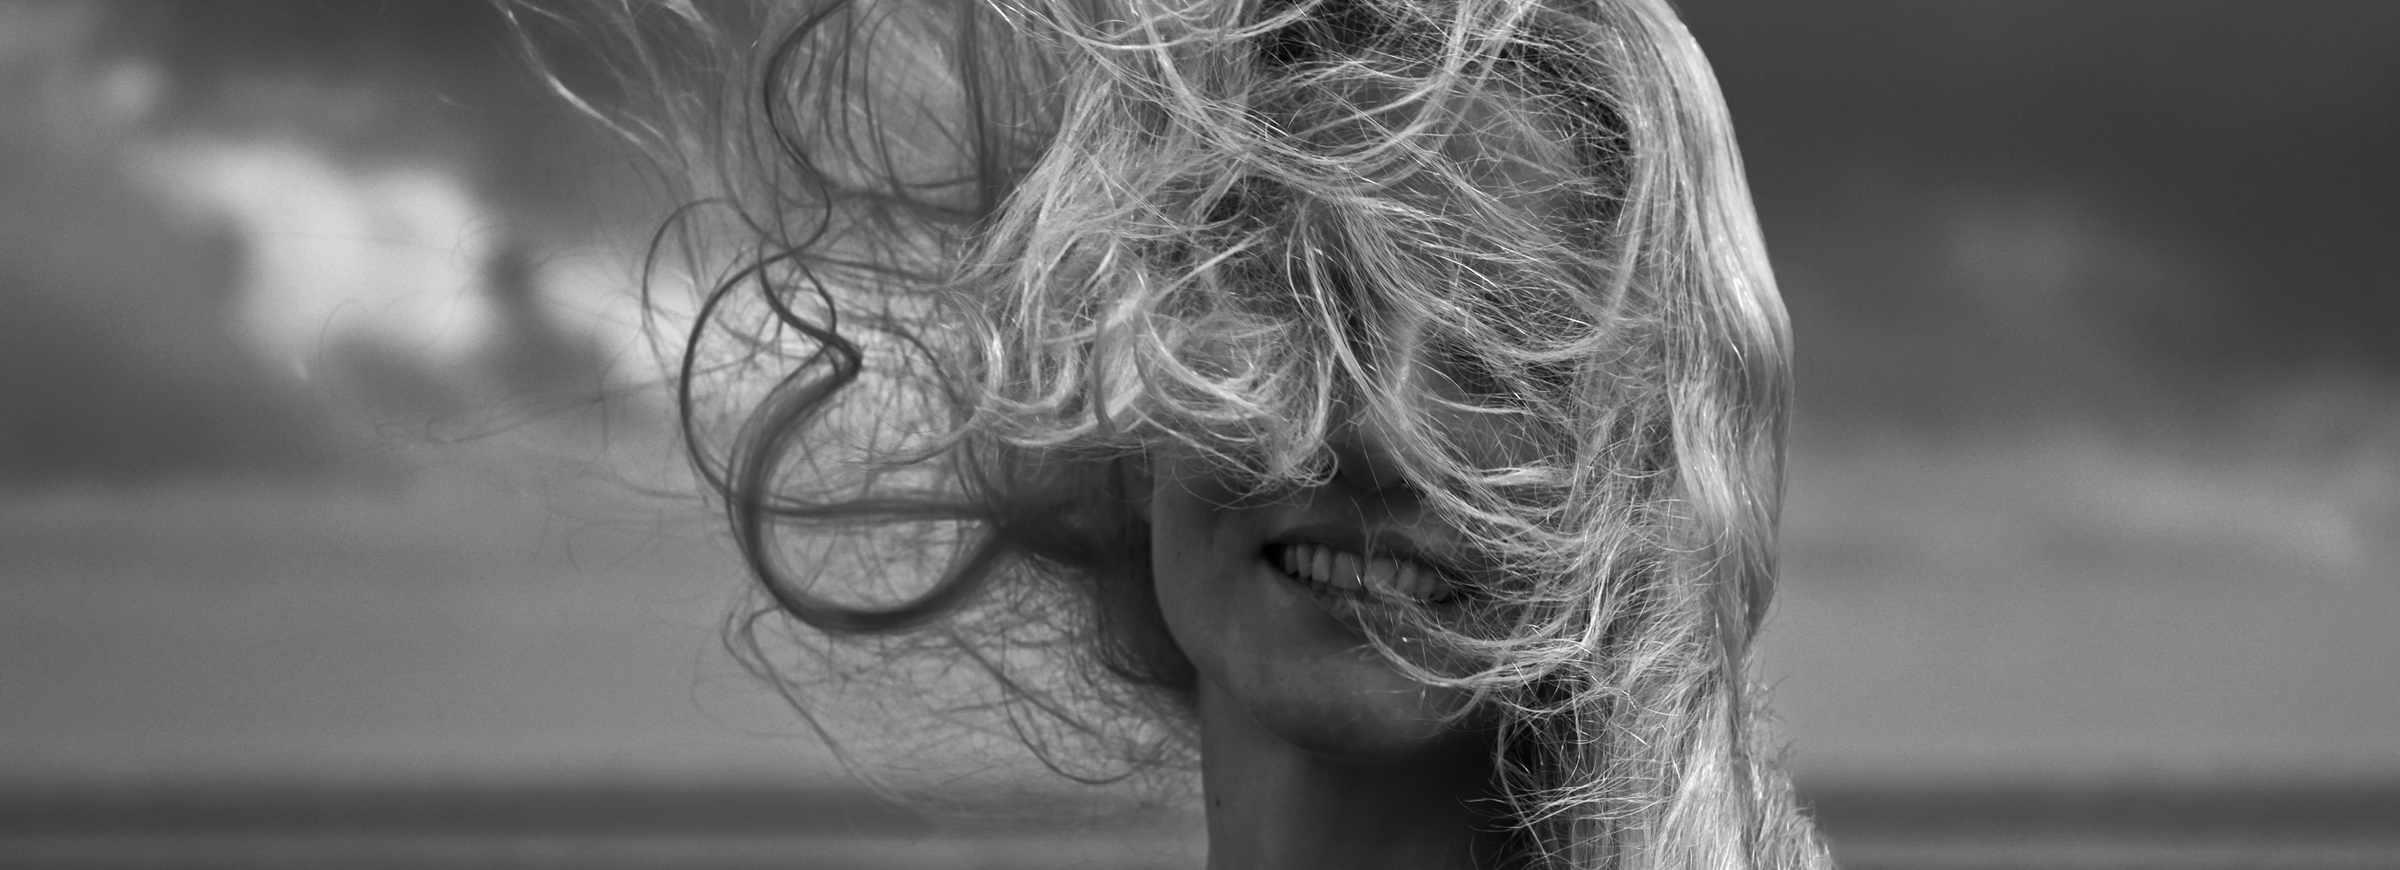 Ein Porträt von einer Frau deren Haare sind voll von Wind verweht